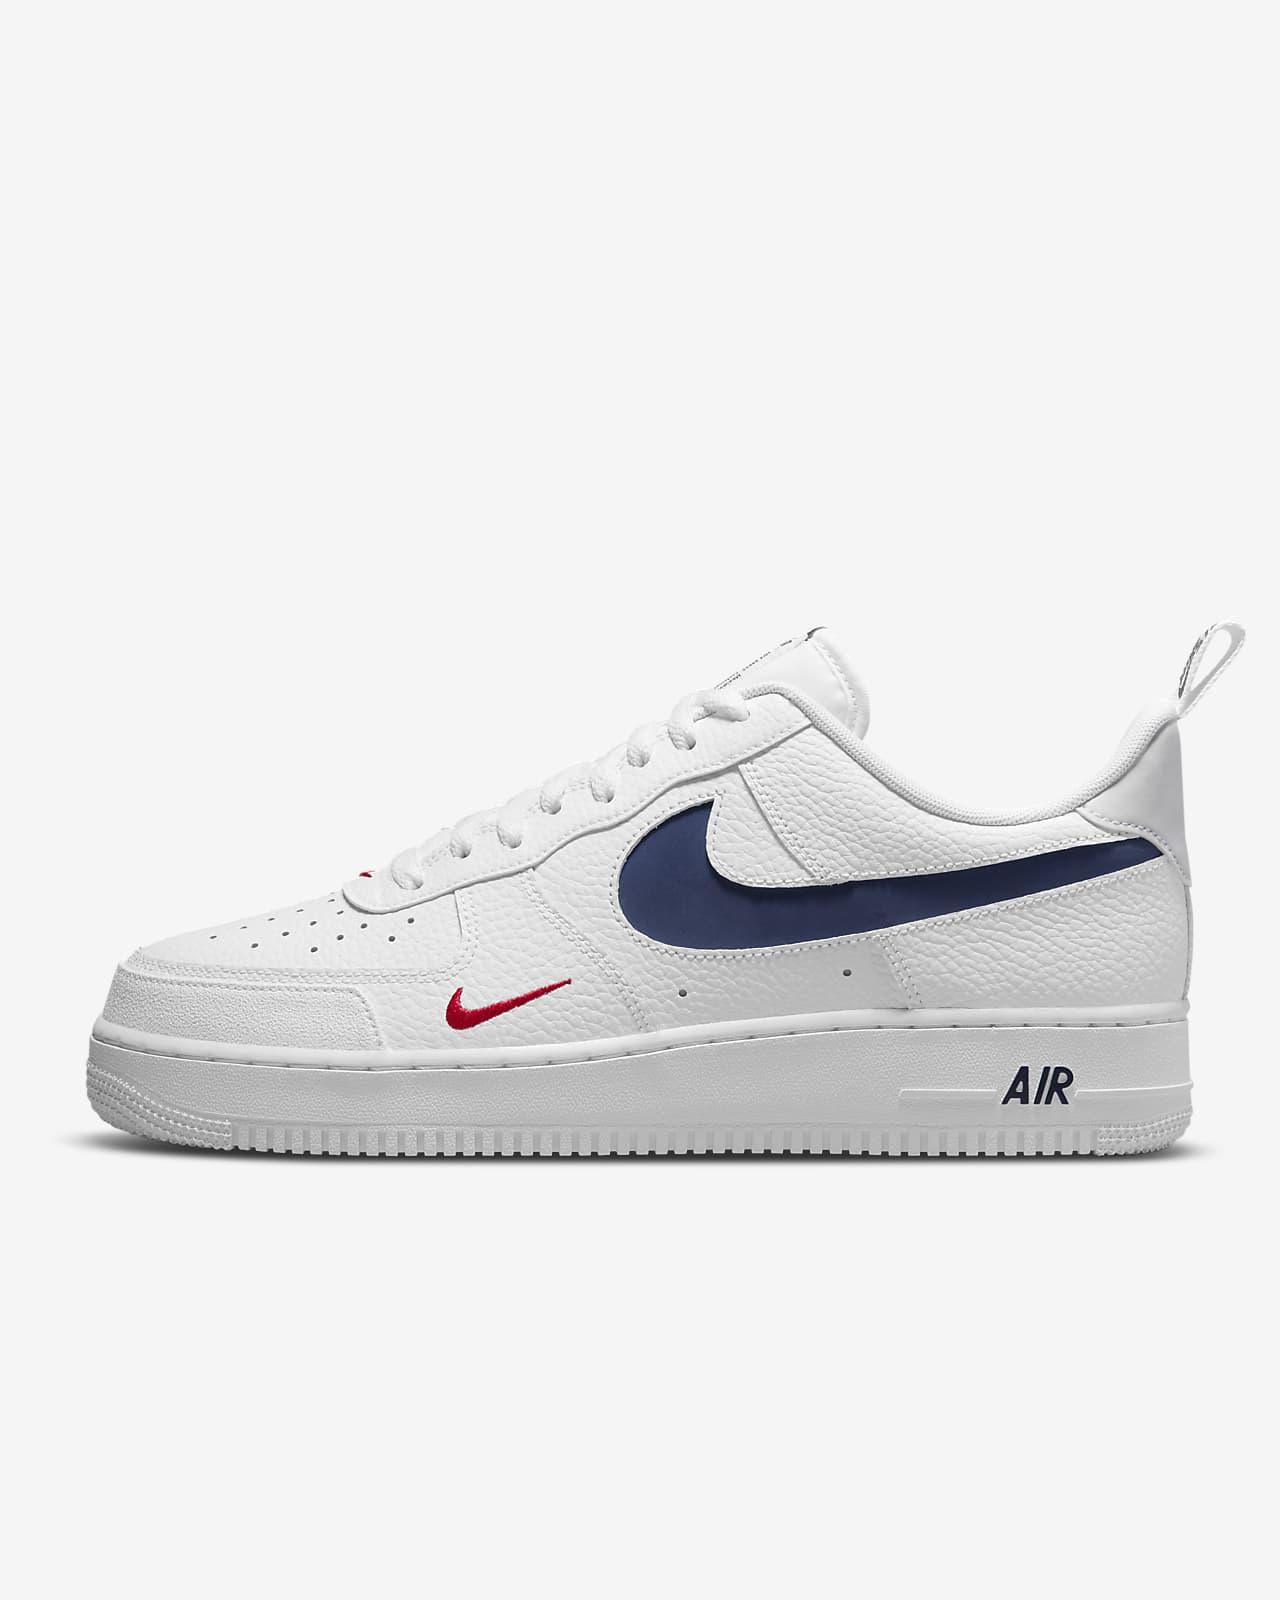 Ανδρικό παπούτσι Nike Air Force 1 LV8